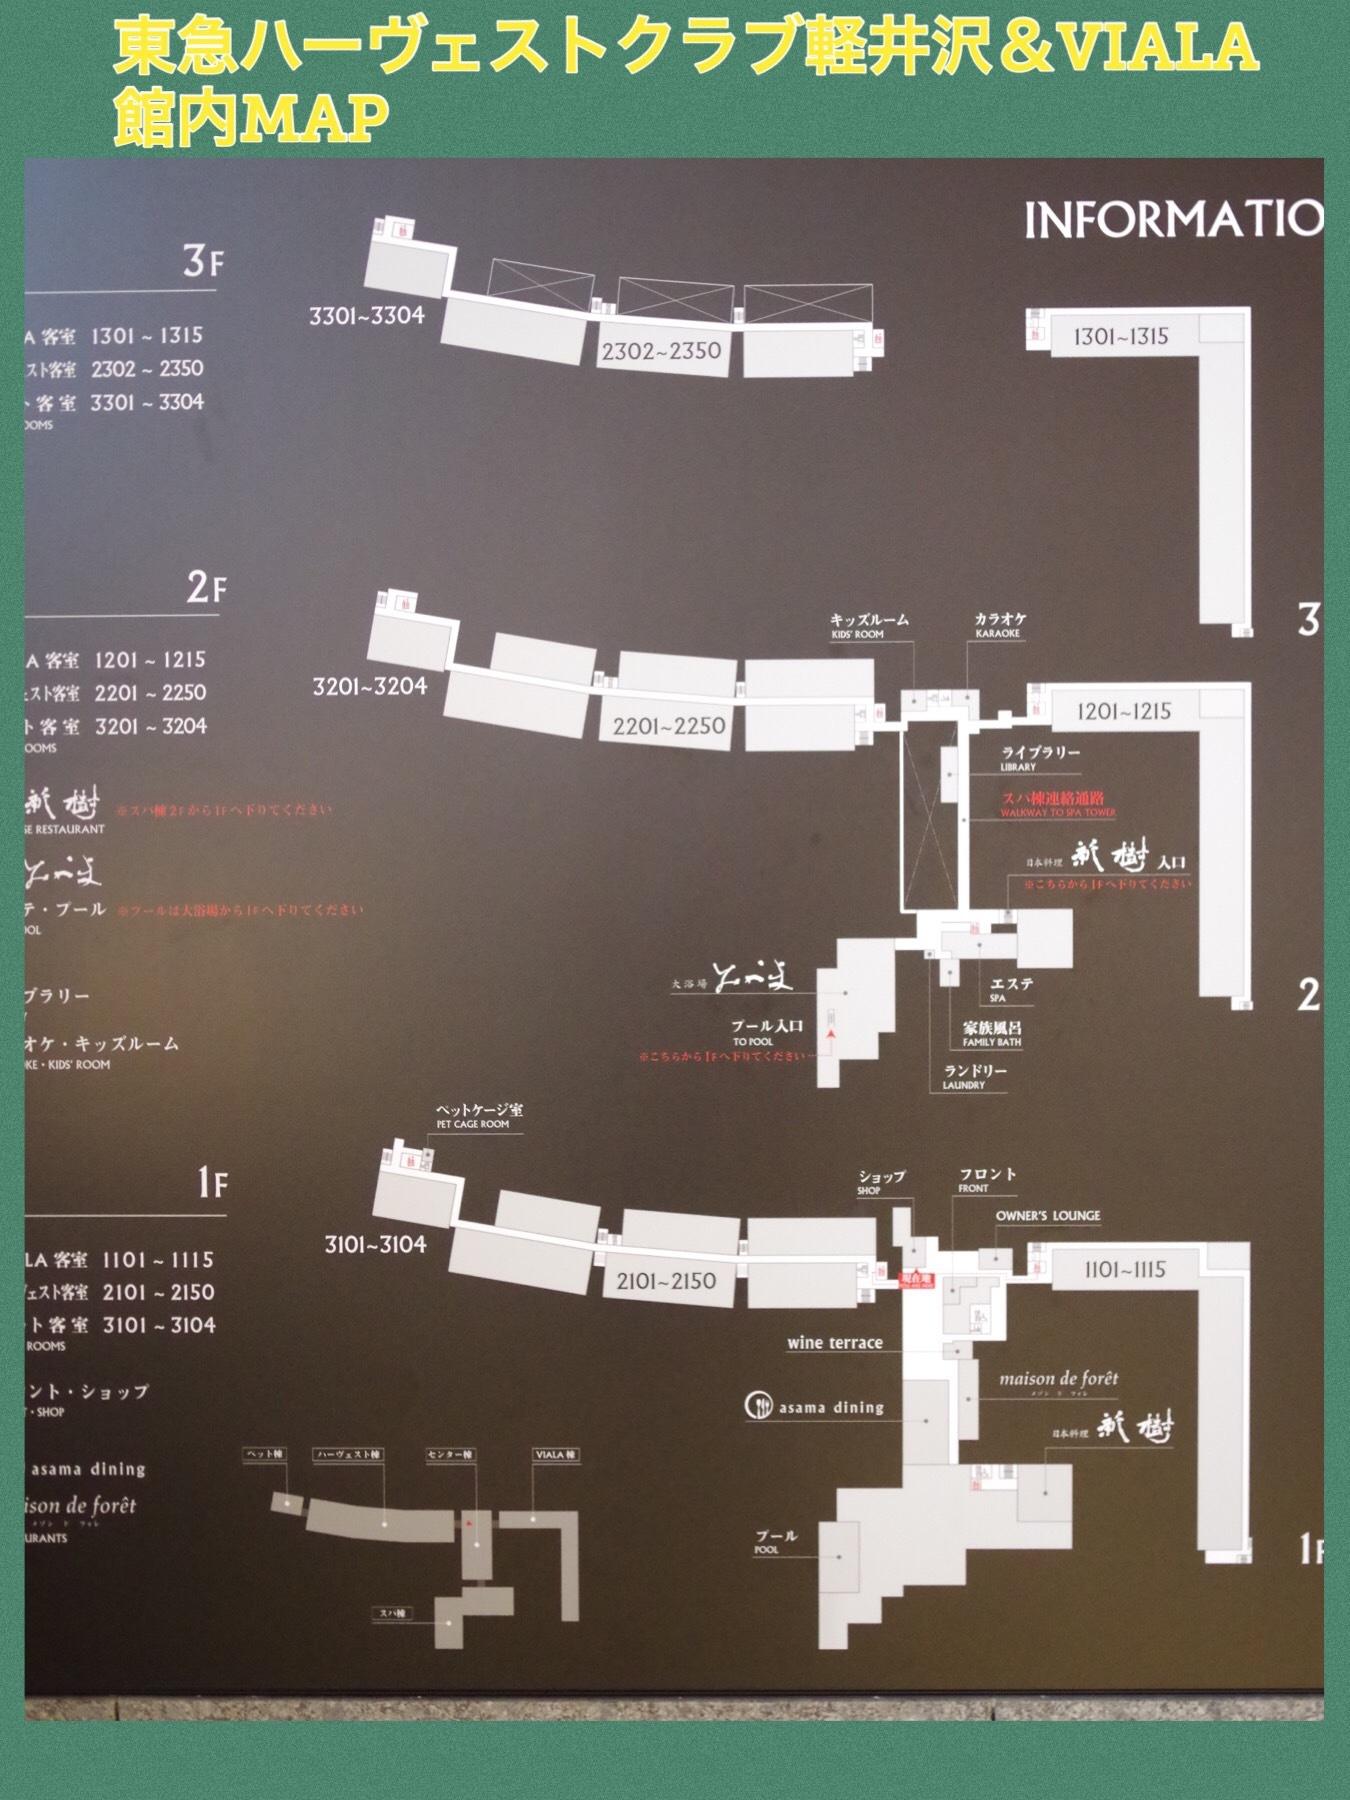 東急ハーヴェストクラブ軽井沢&VIALA 館内MAPマップ